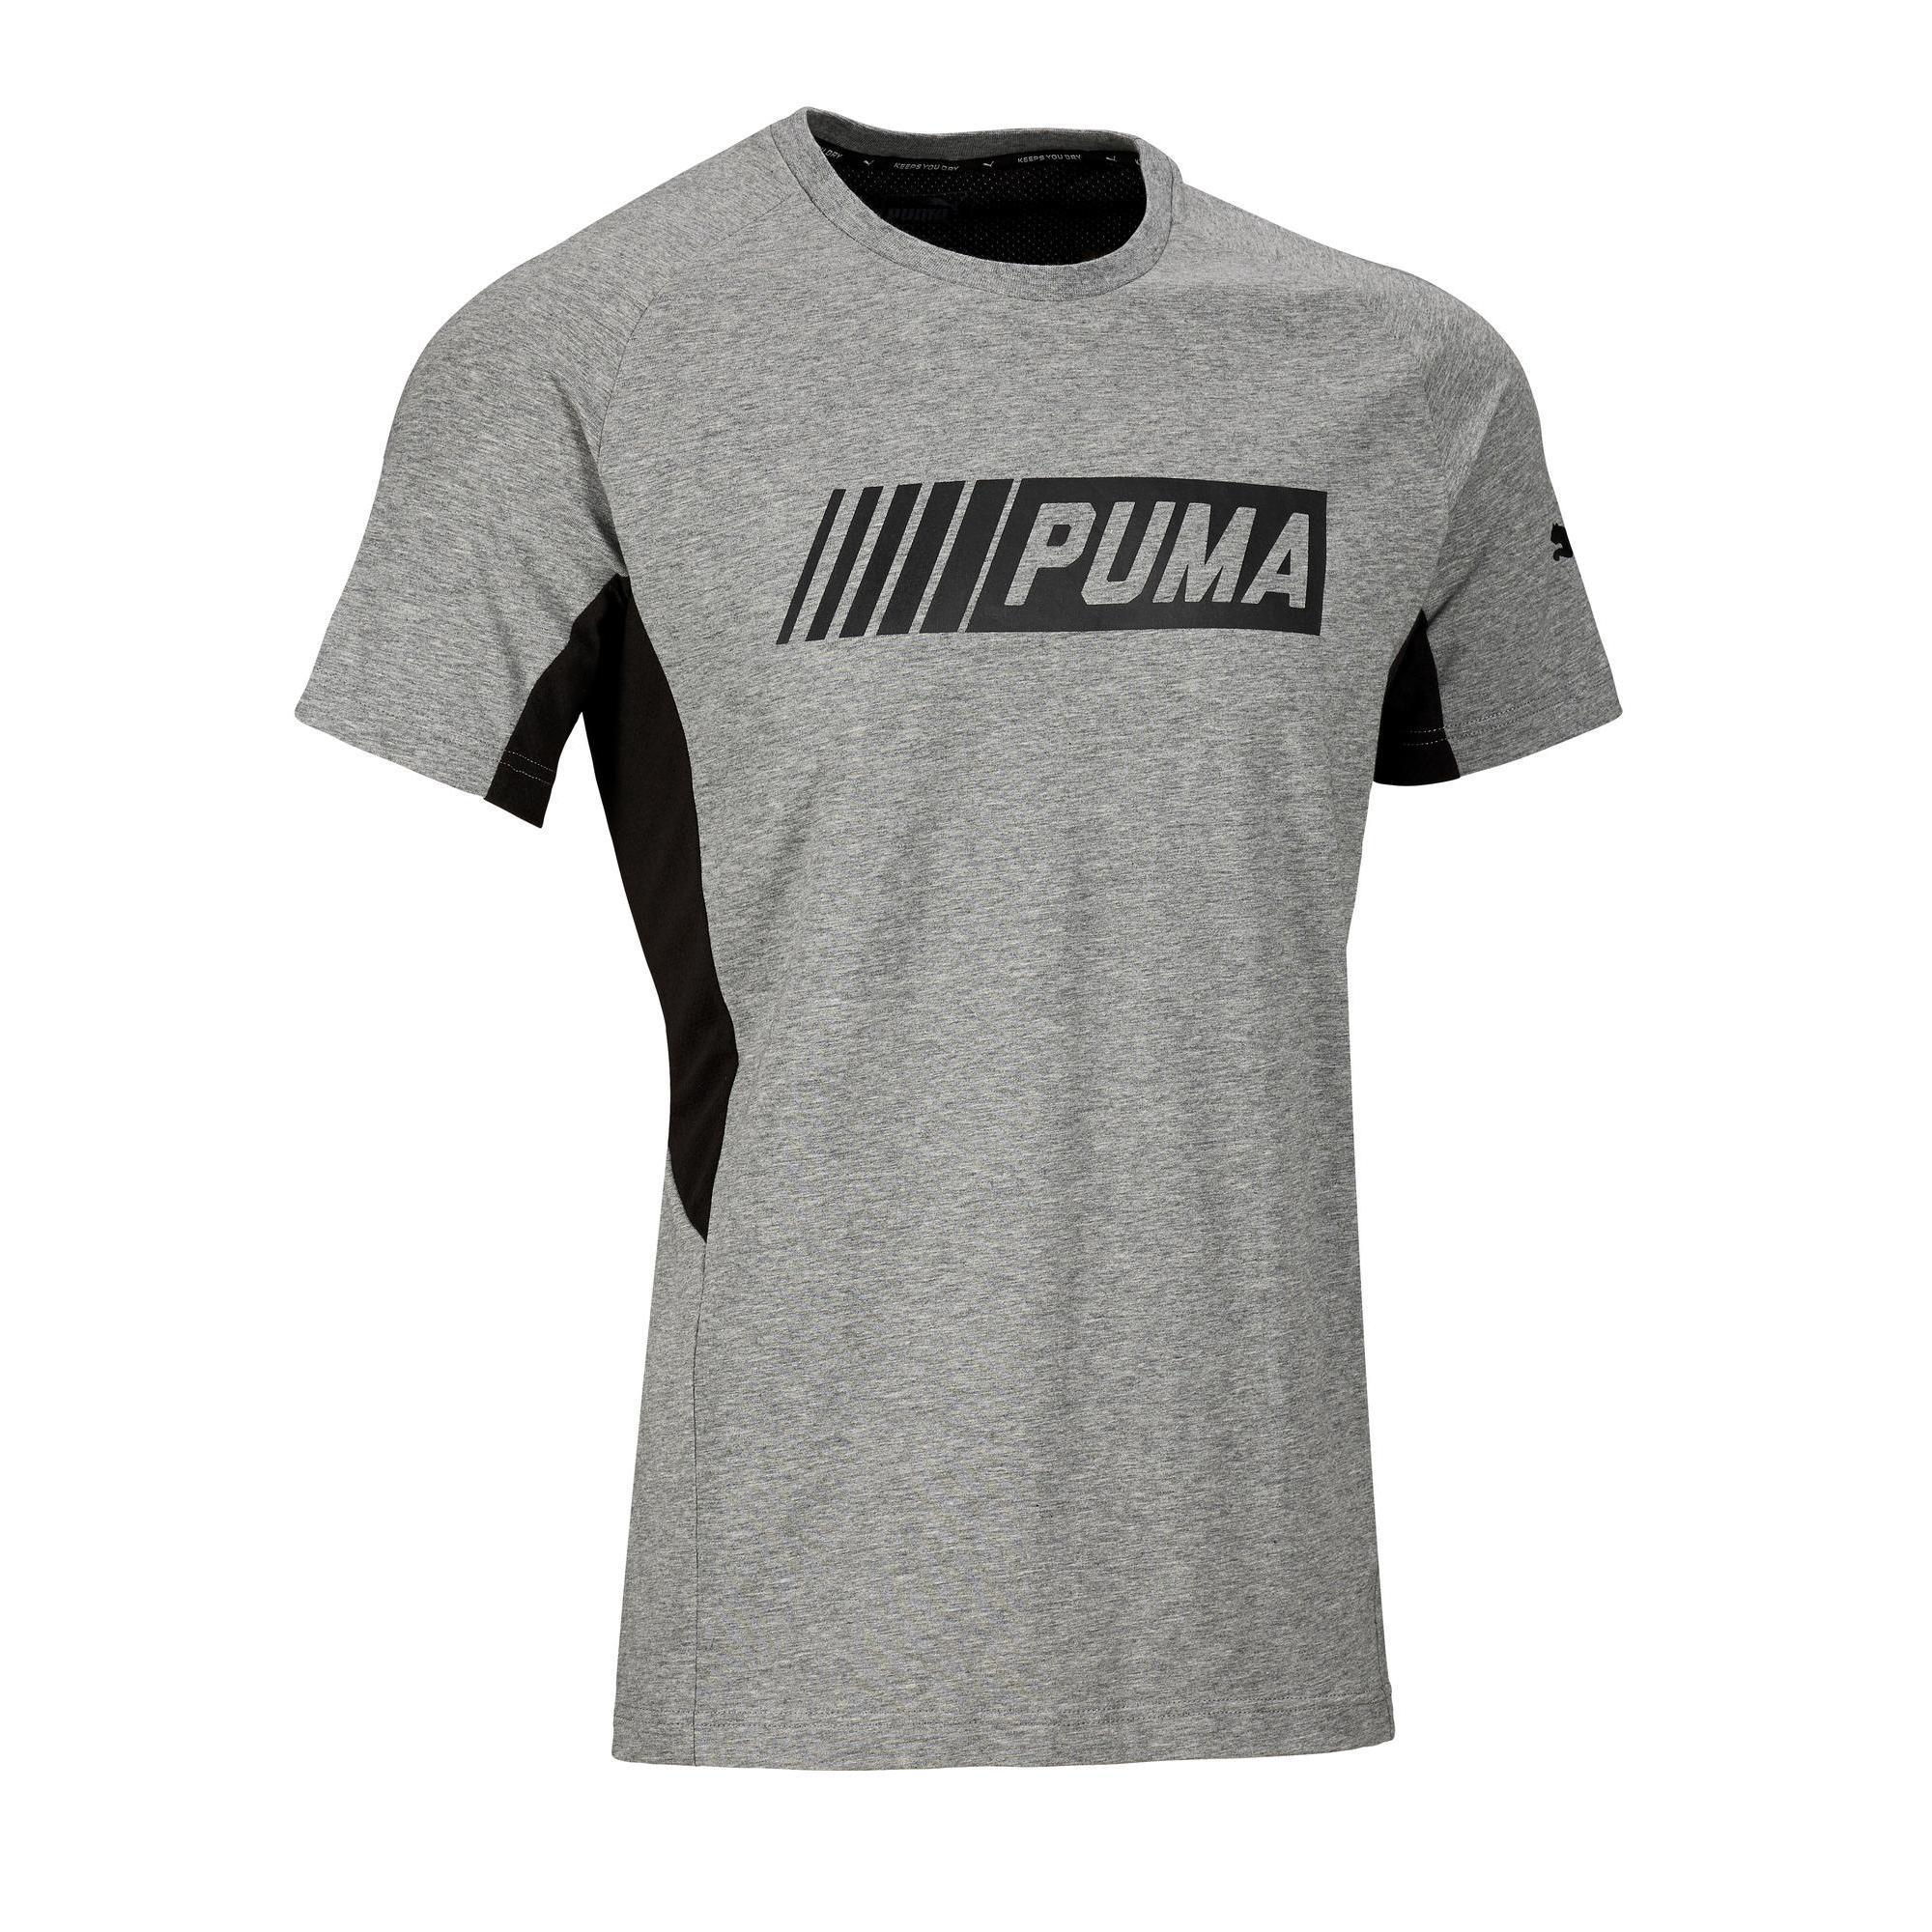 86963be8115 Puma Heren T shirt Active 2 Puma 100 voor gym en stretching grijs